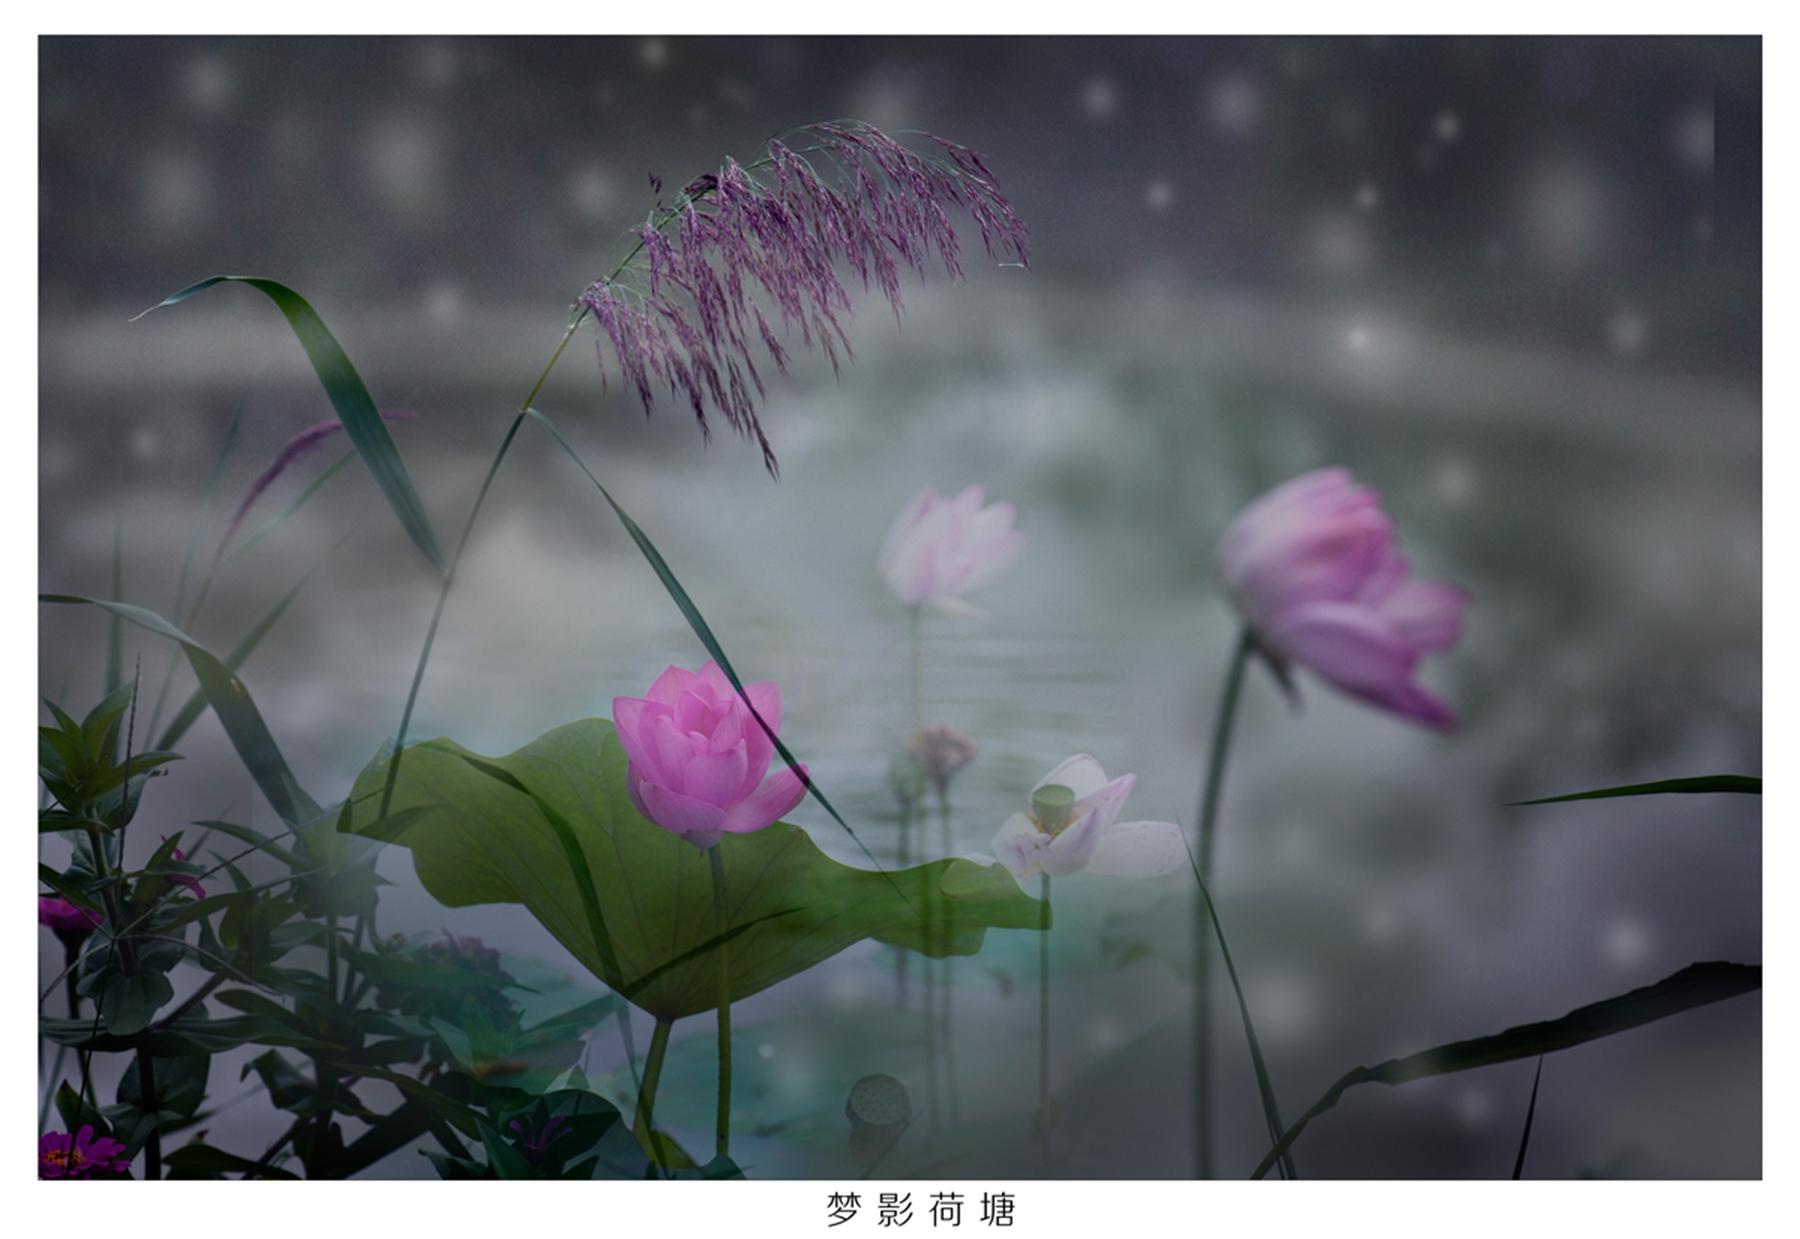 张开阴 梦影荷塘-13805235518 摄.jpg